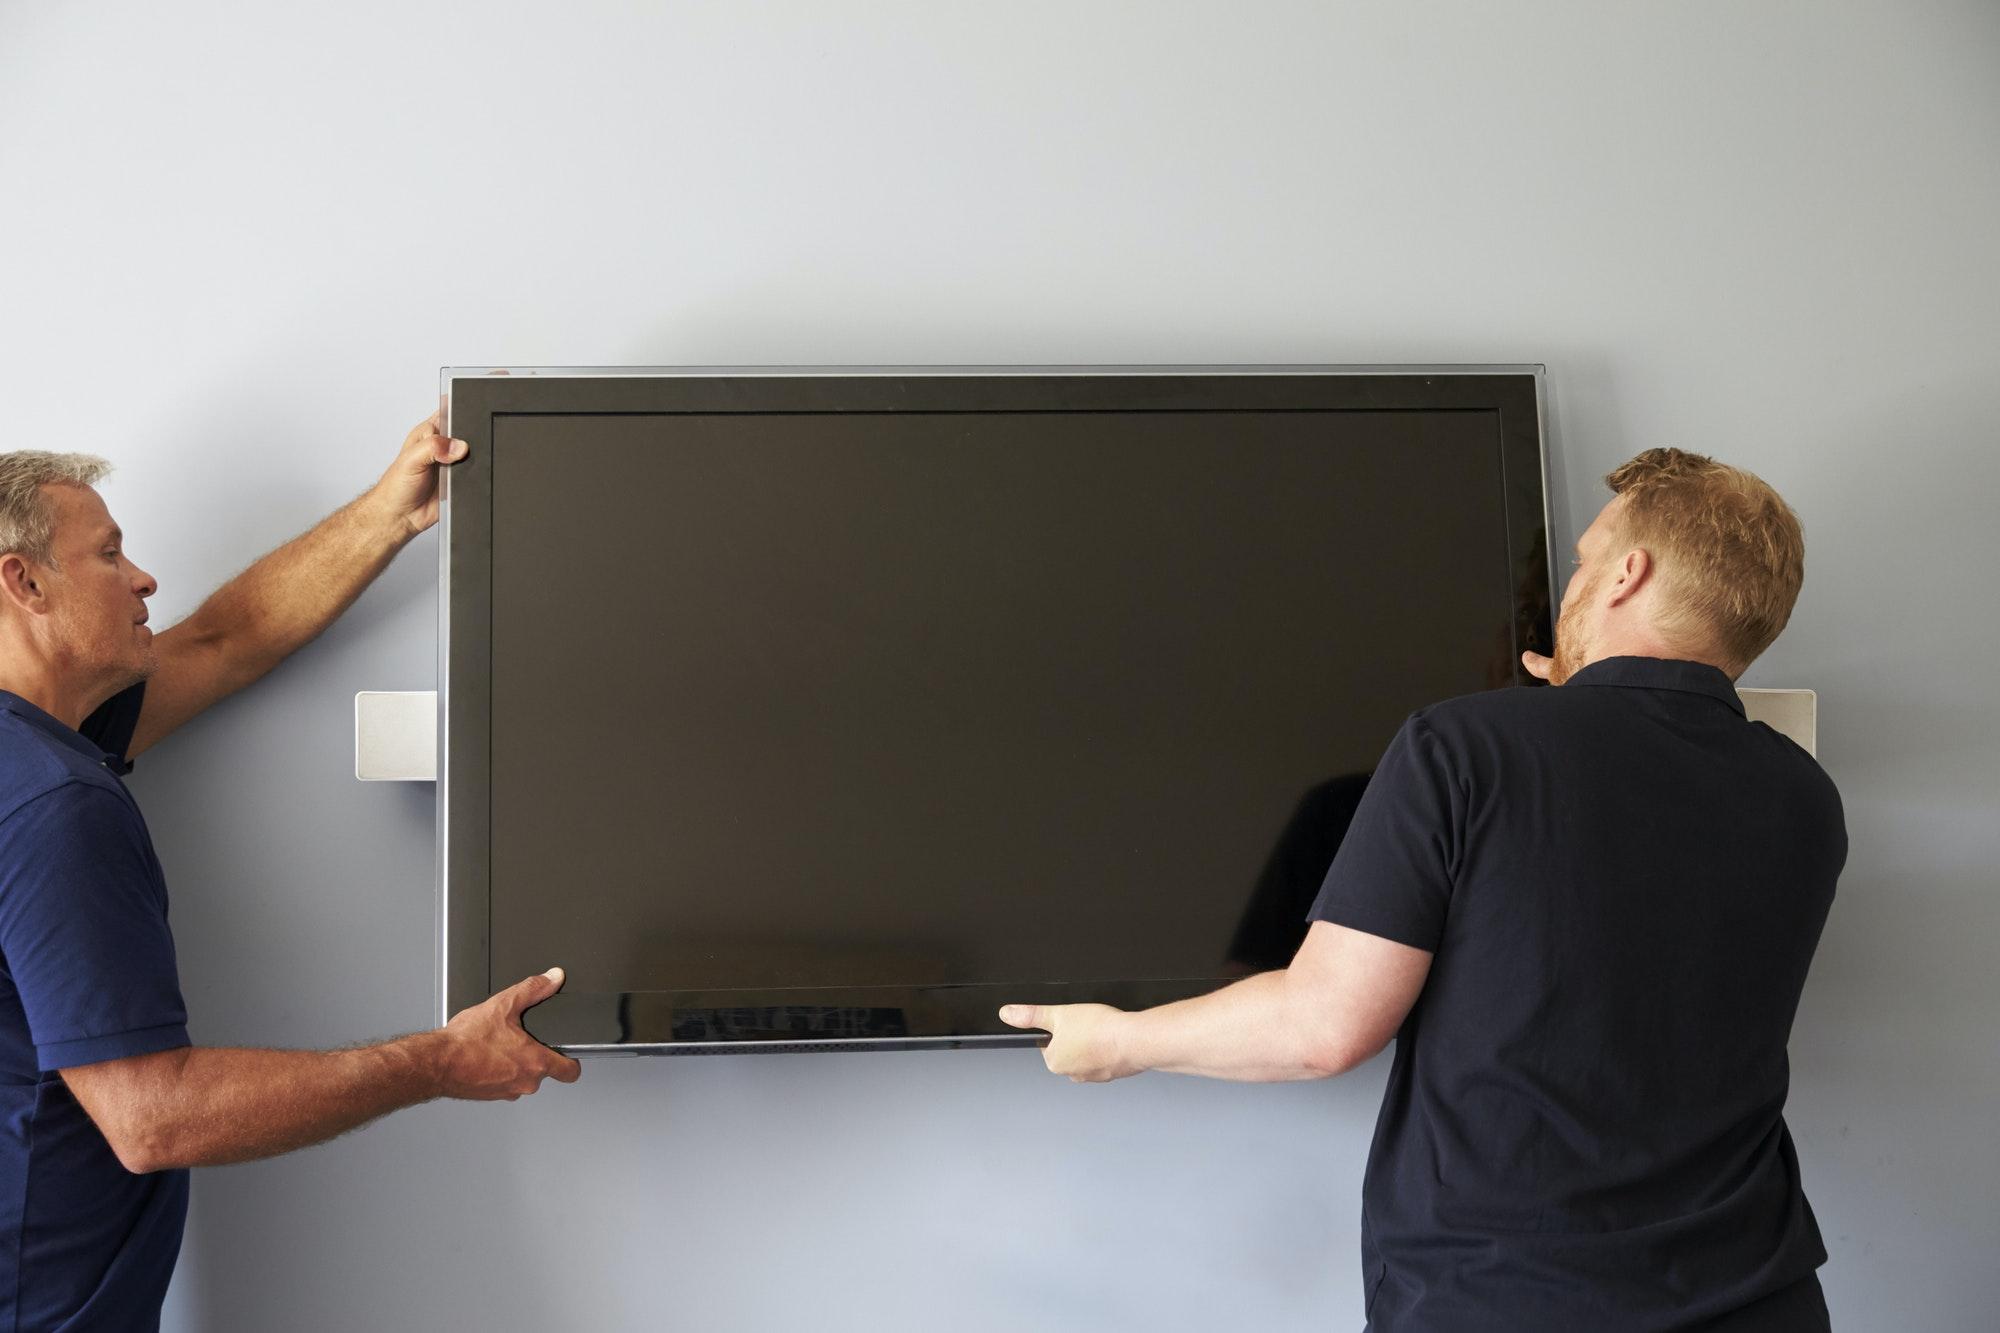 Dois homens instalando TV